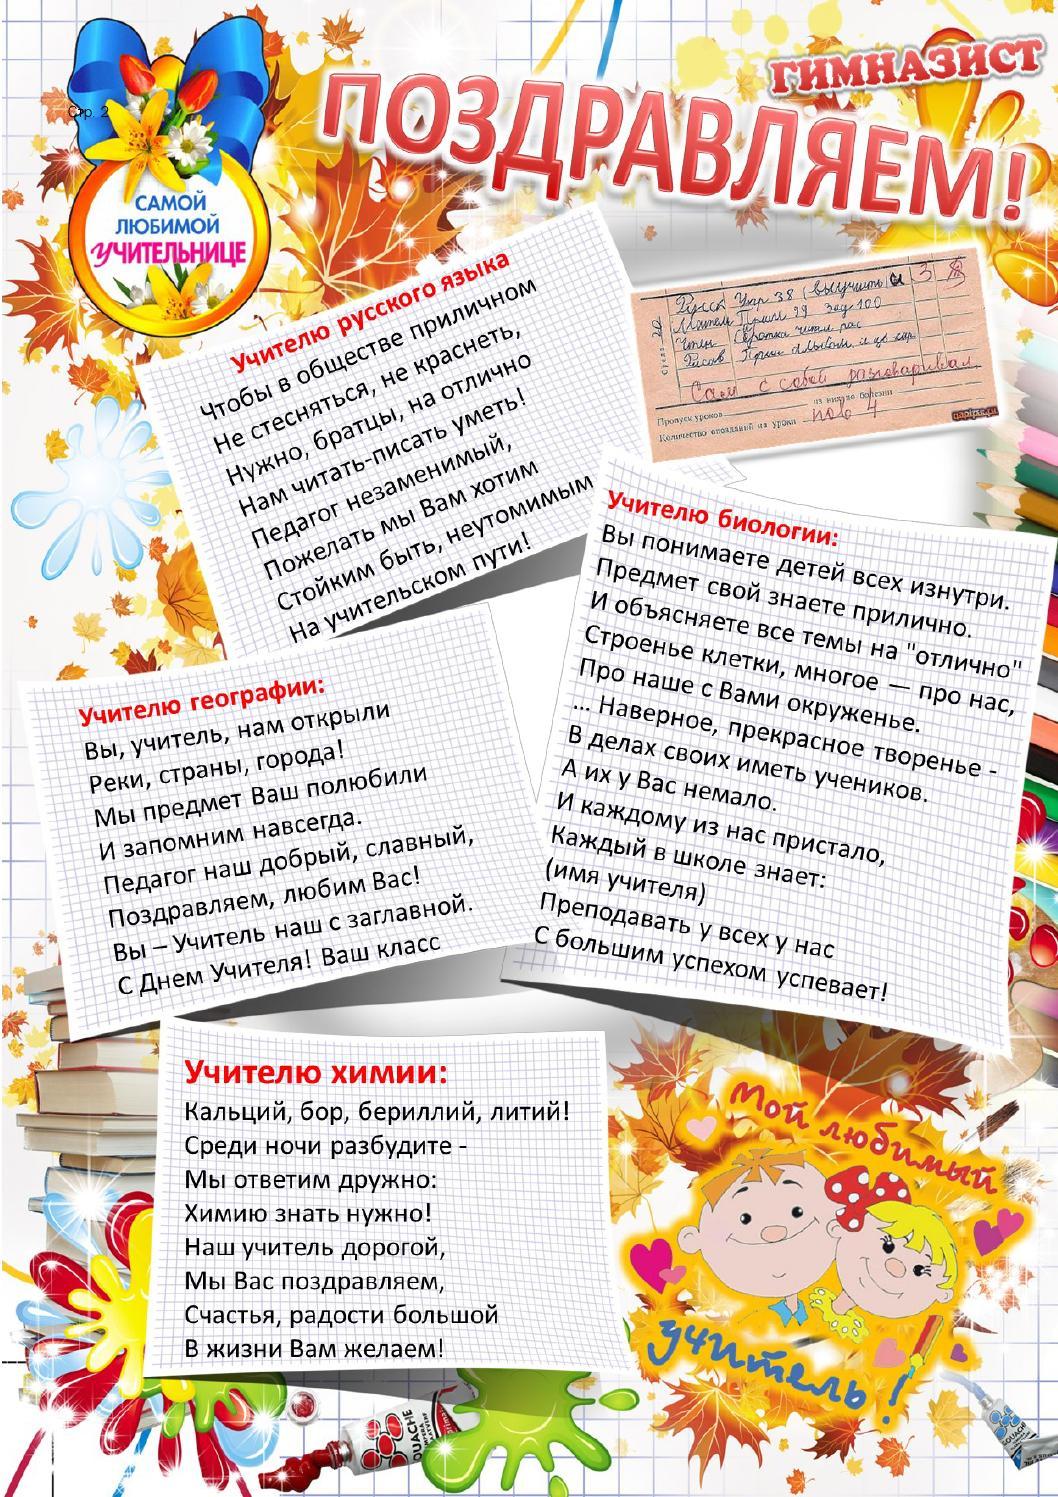 Стихи про учителей: благодарности, прощания, поздравления с